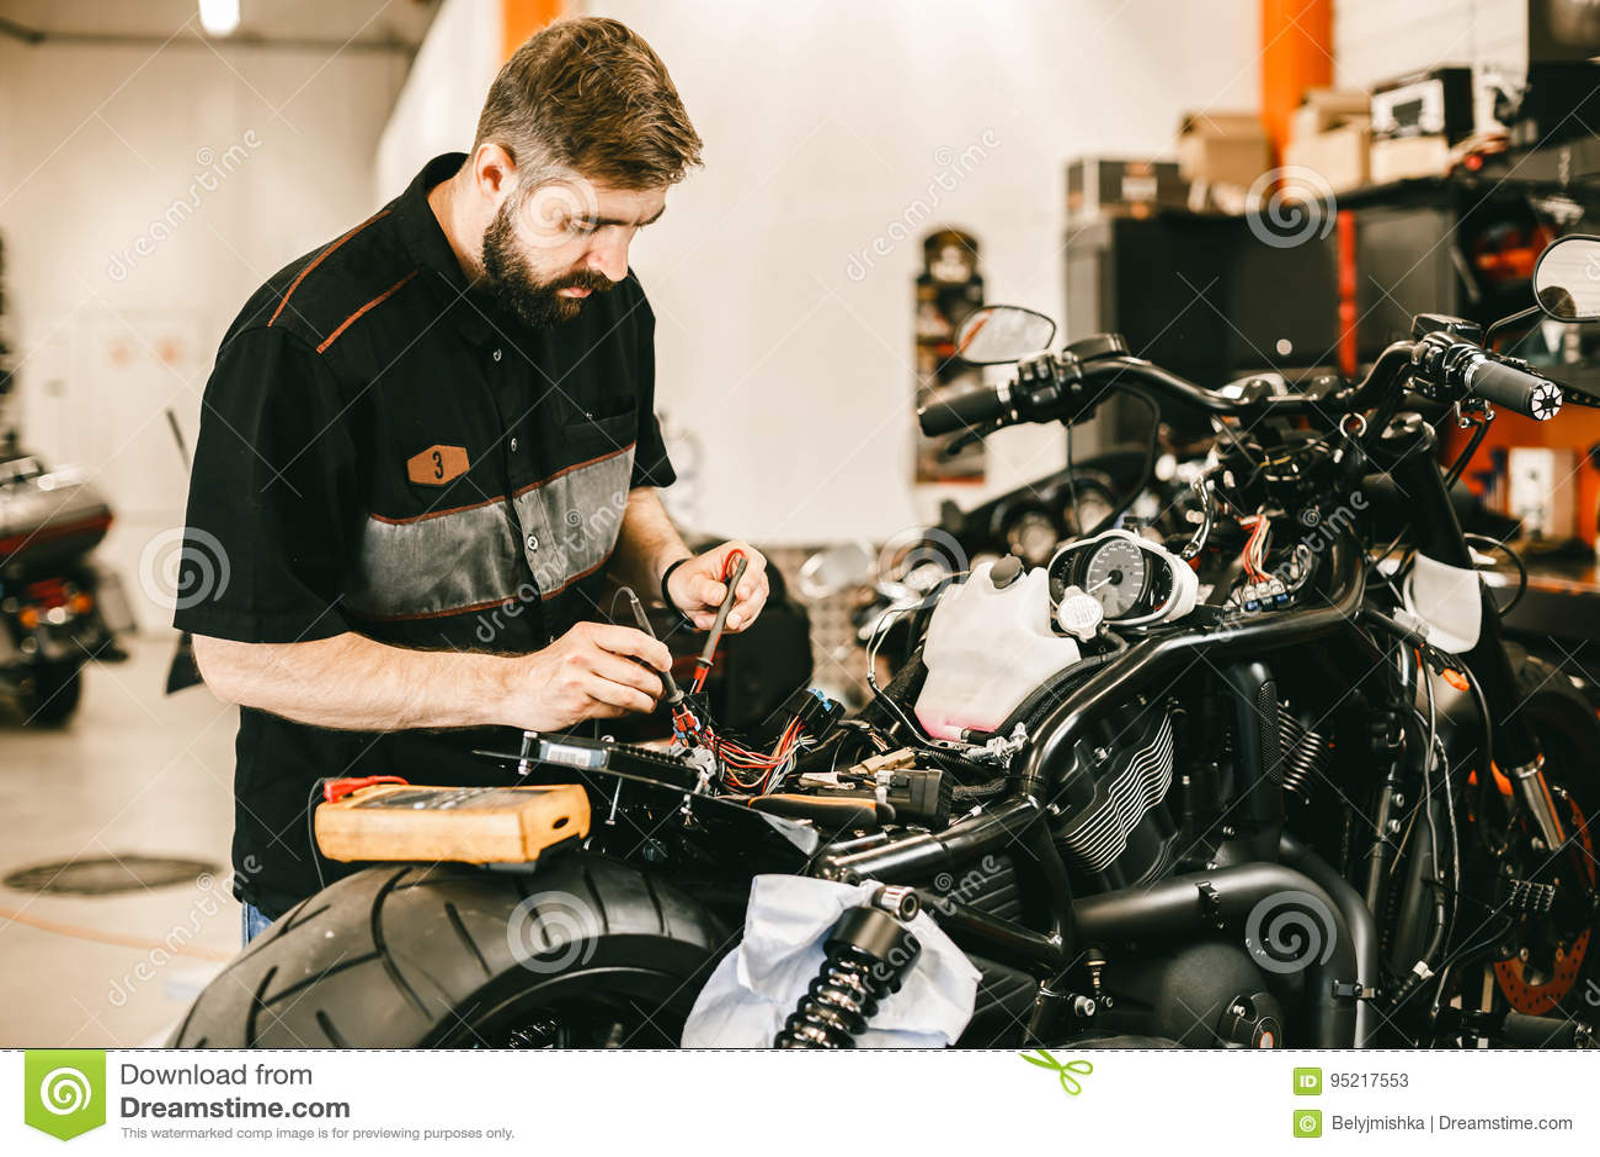 Repairing the motorcycle